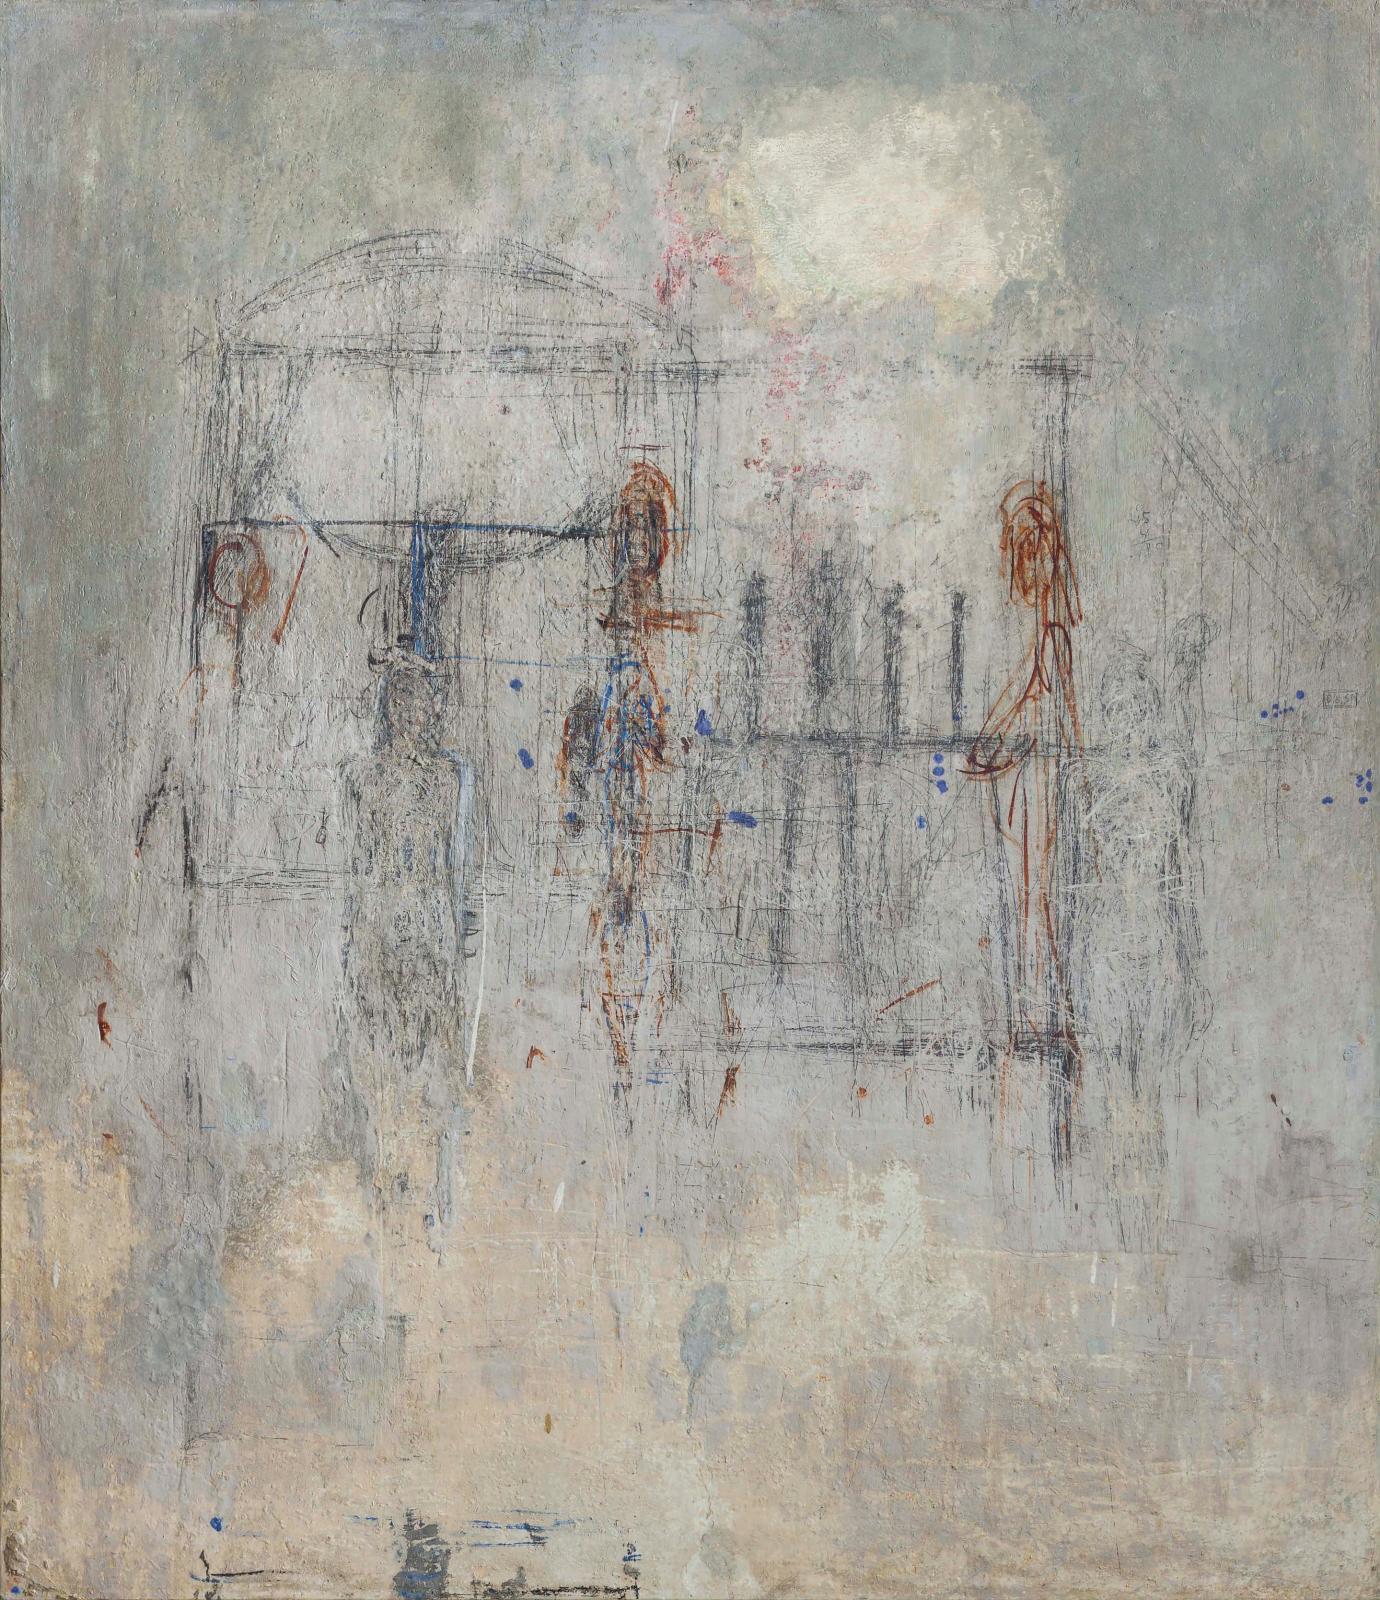 Fragment du mur de l'atelier de Giacometti46, rue Hippolyte-Maindron. Esquisse pour La Cage (première version), esquisse pour Quatre figurines sur pi